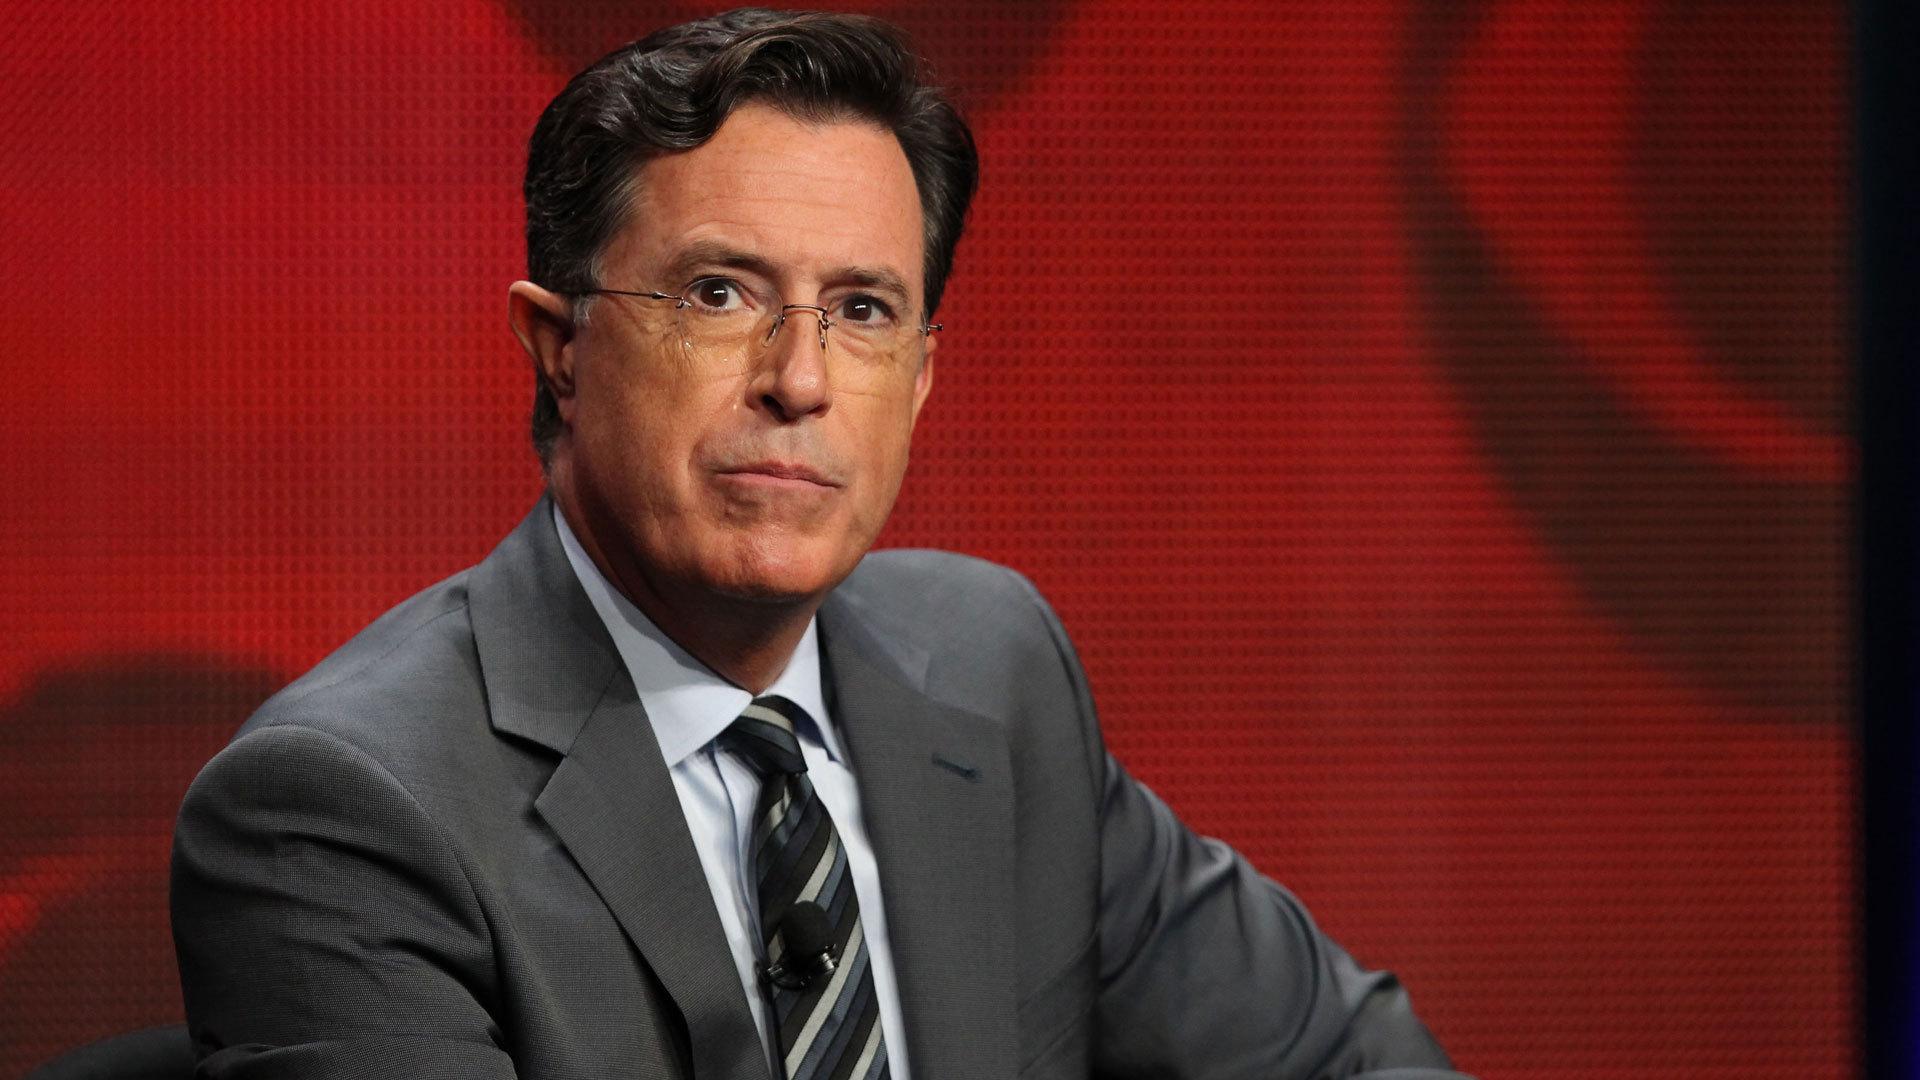 Stephen Colbert HD Wallpaper